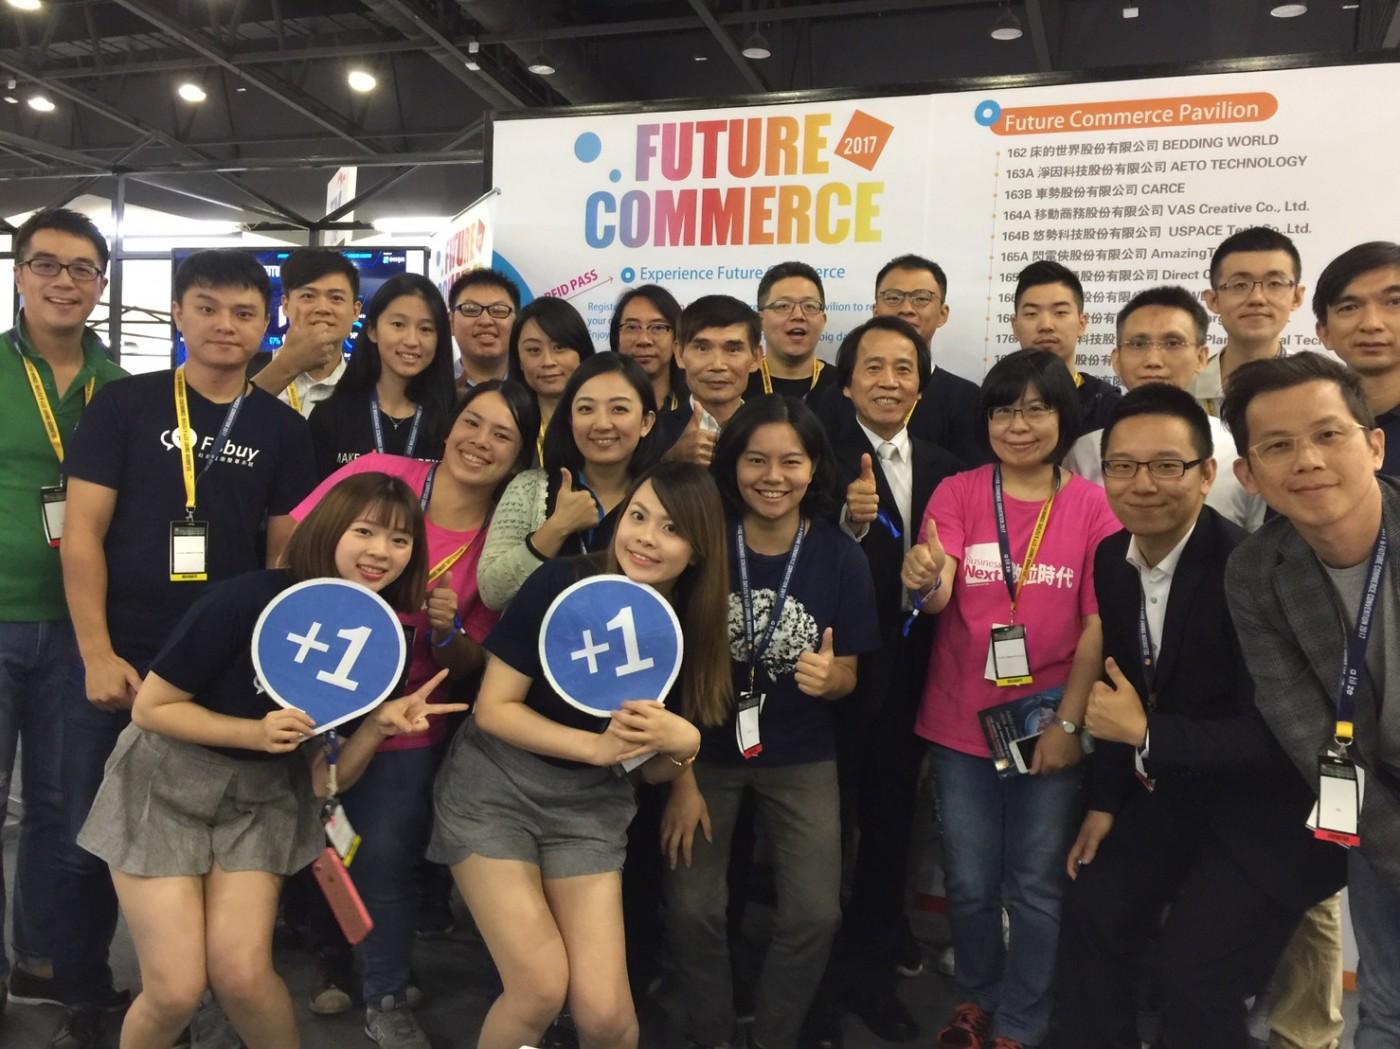 前進大馬!數位時代2017馬來西亞未來商務展今天登場